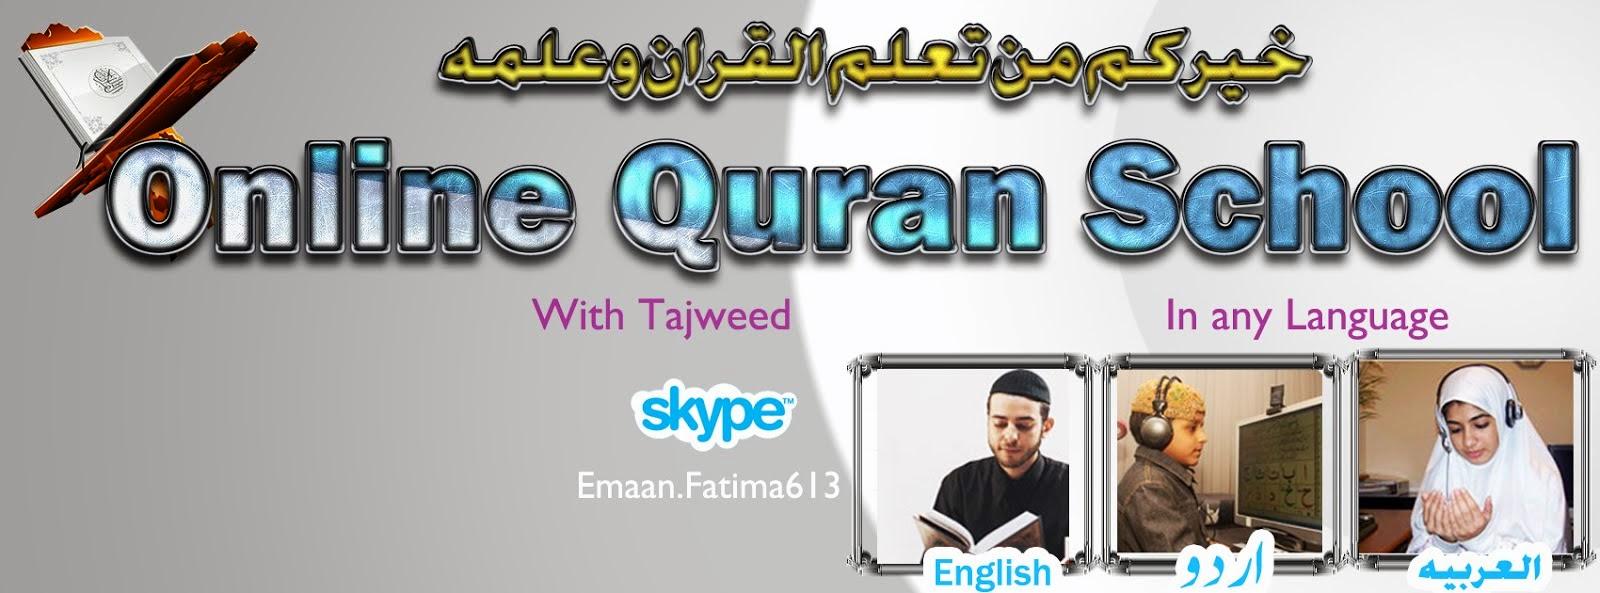 Online Quran School